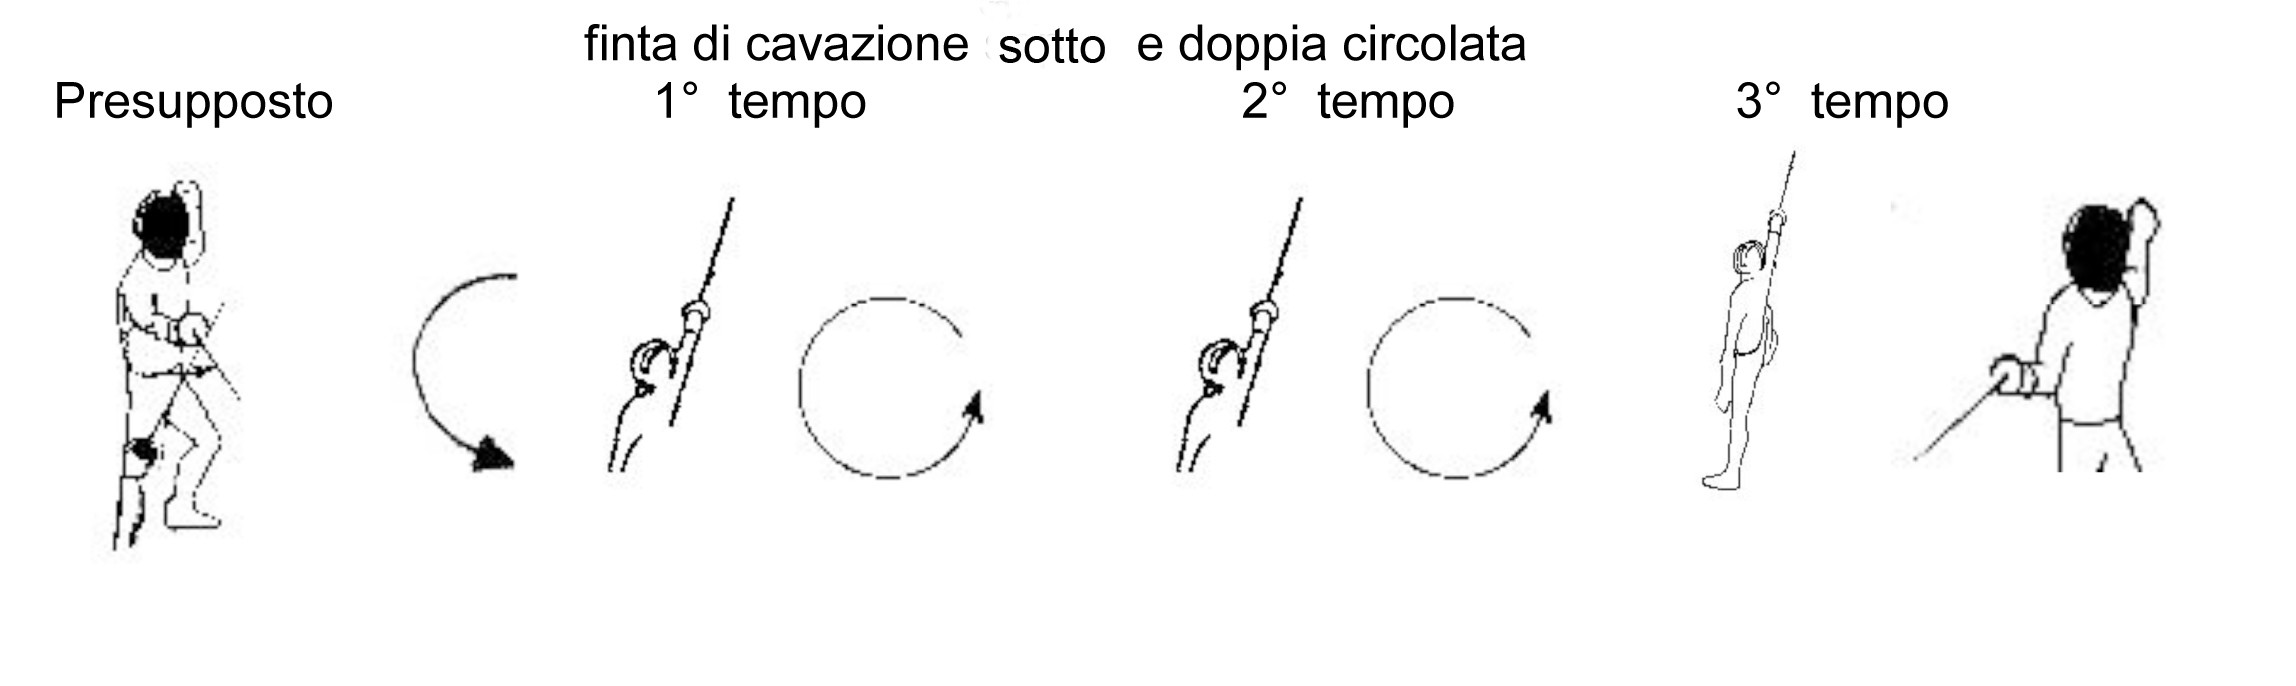 ss-finta-di-cavazione-sopra-e-doppia-circolata